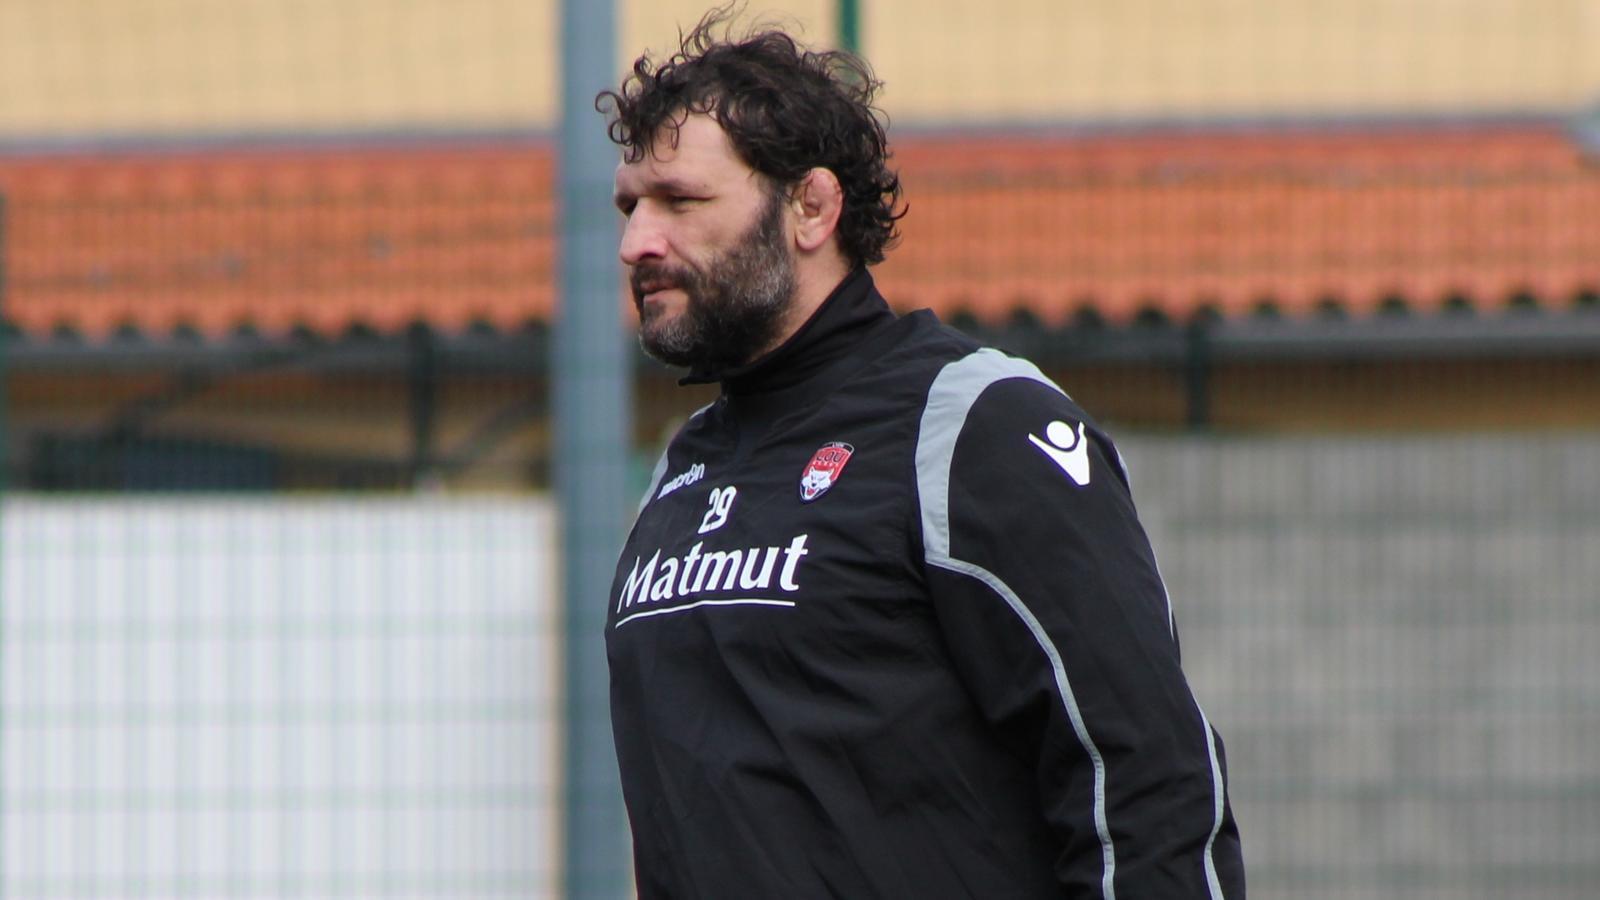 Lionel Nallet, capitaine du Lou, à l'entraînement mardi 24 février 2015